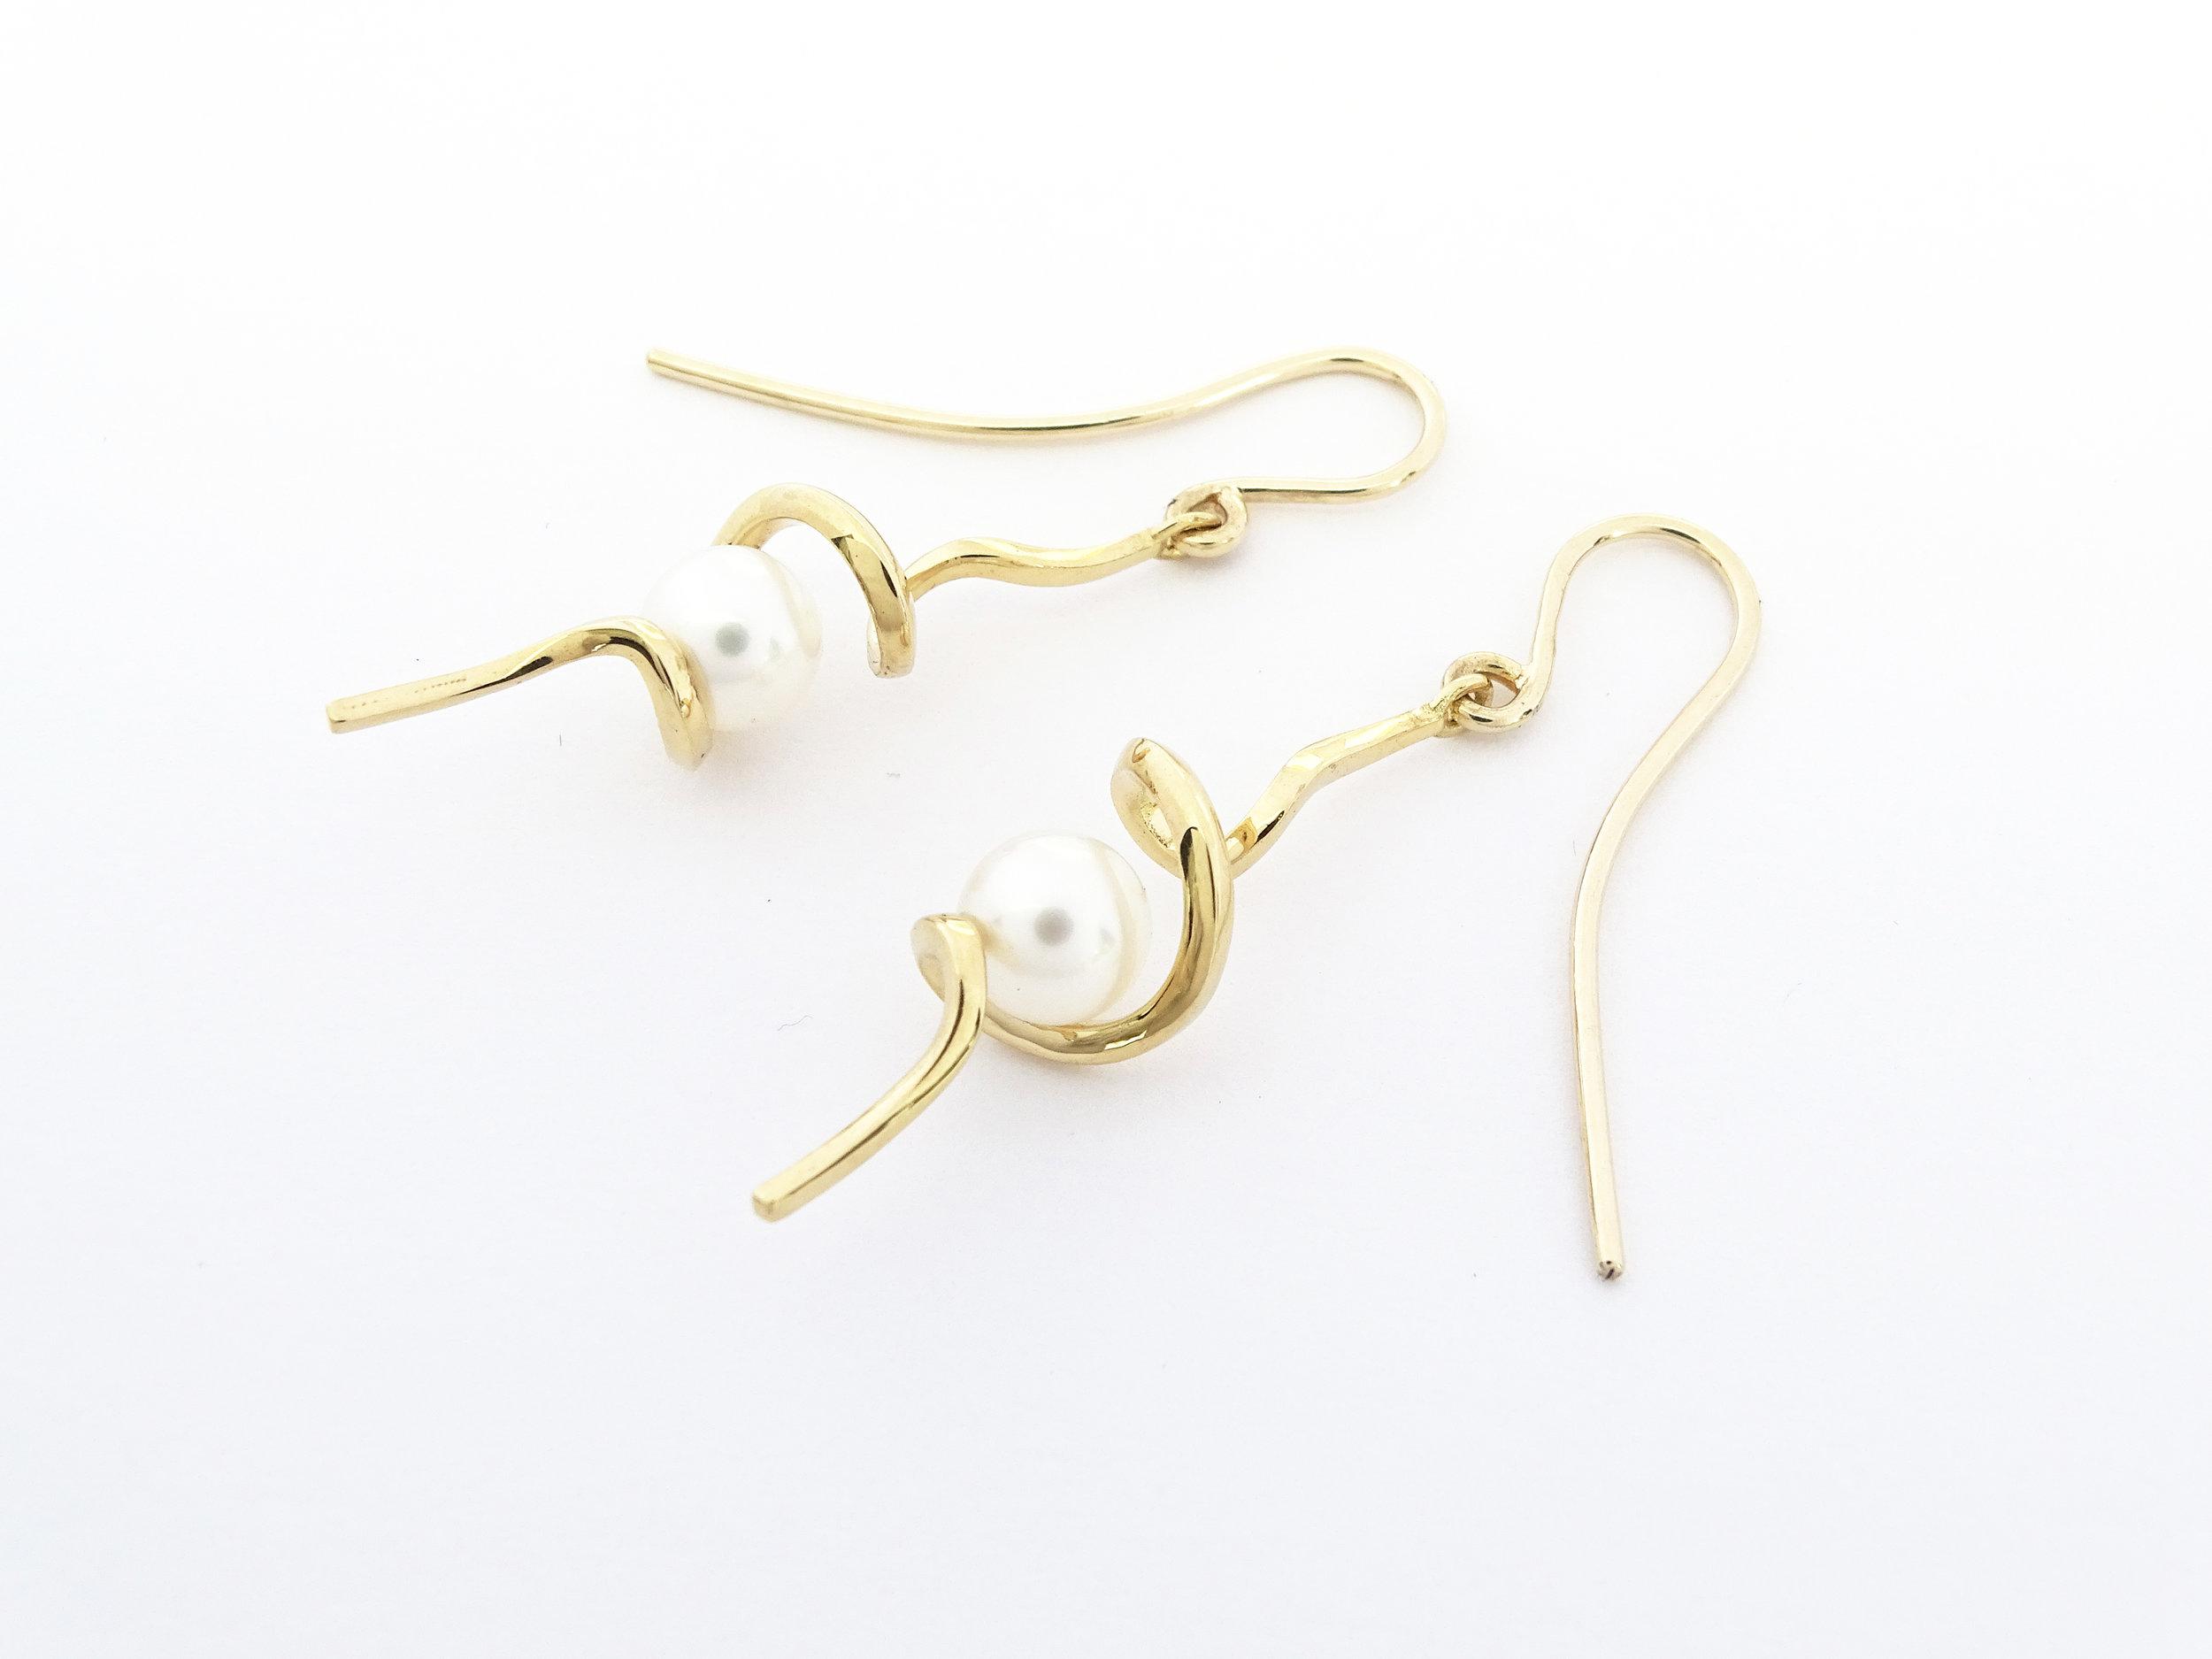 White pearl earring hooks